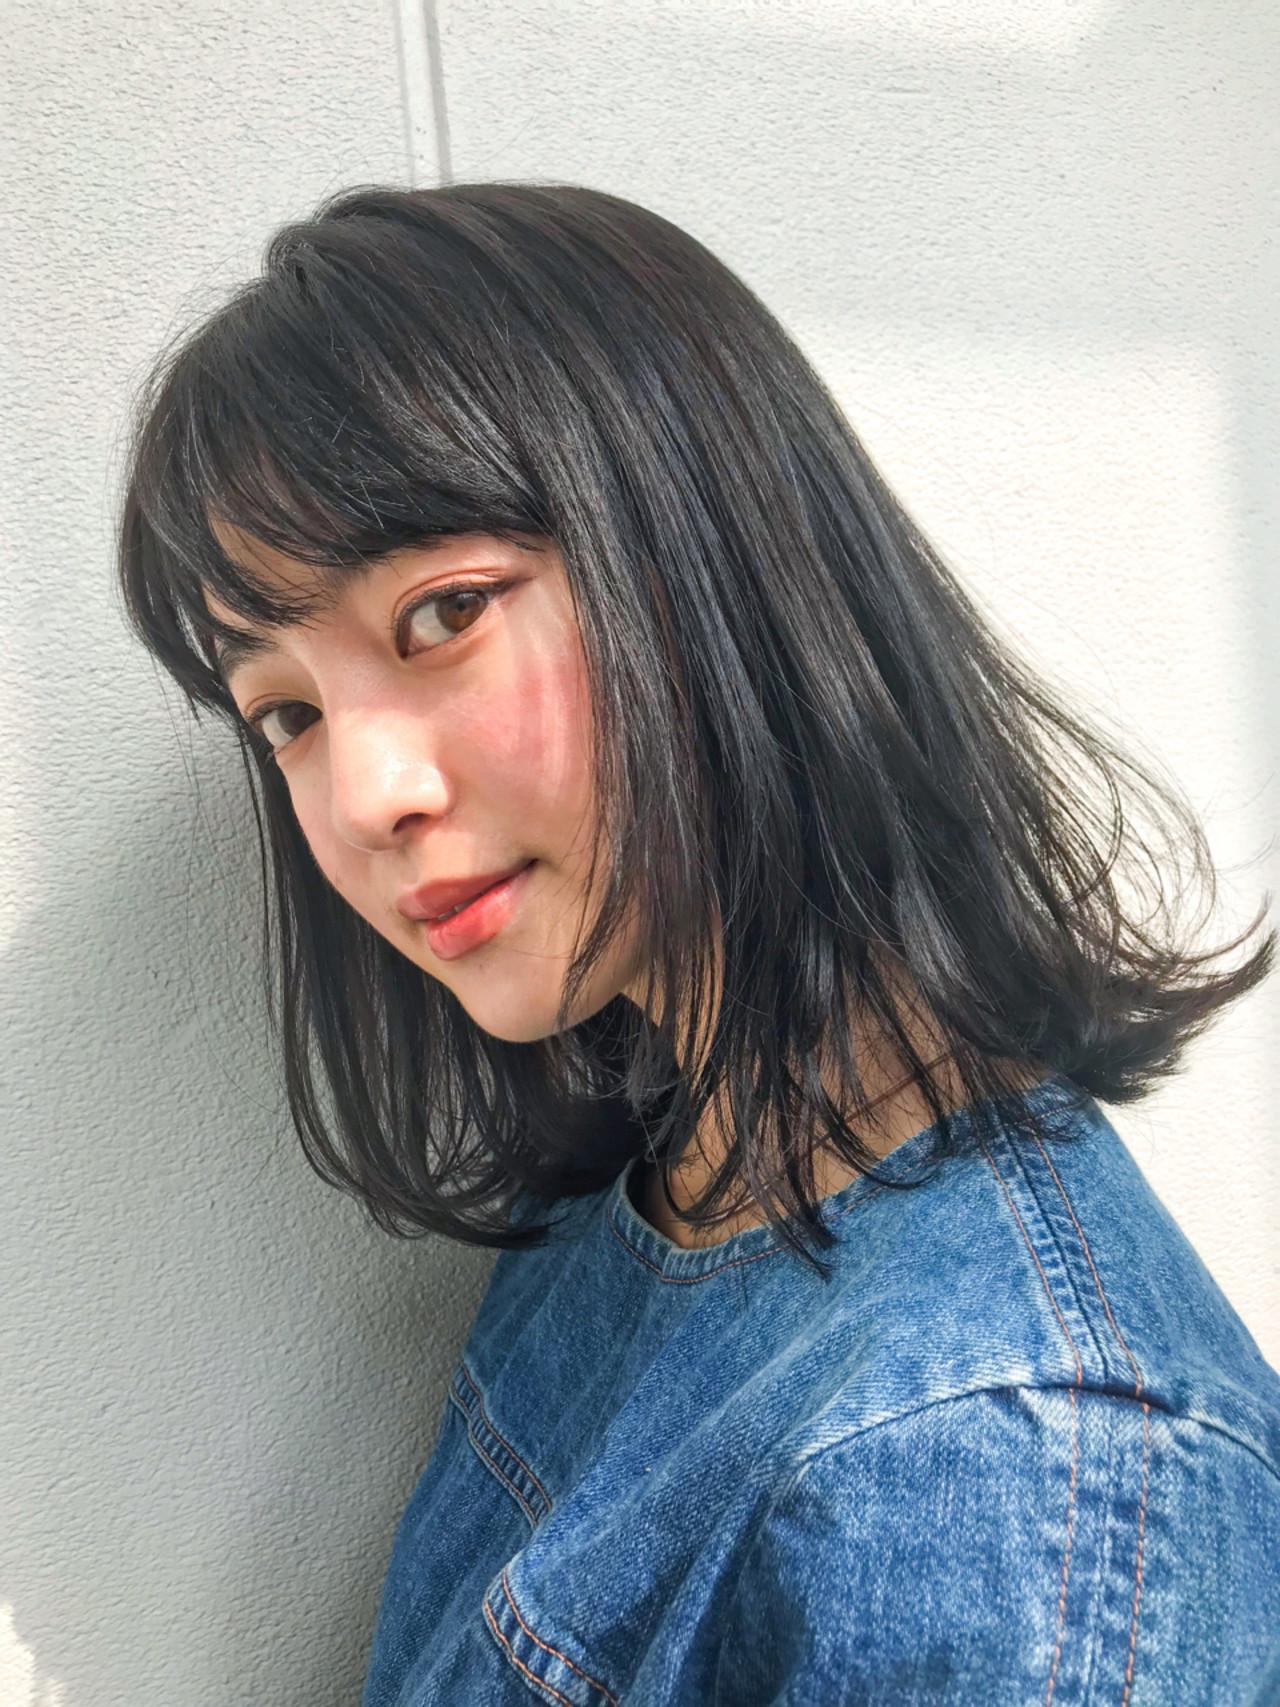 ゆるふわ 前髪あり 黒髪 フェミニン ヘアスタイルや髪型の写真・画像